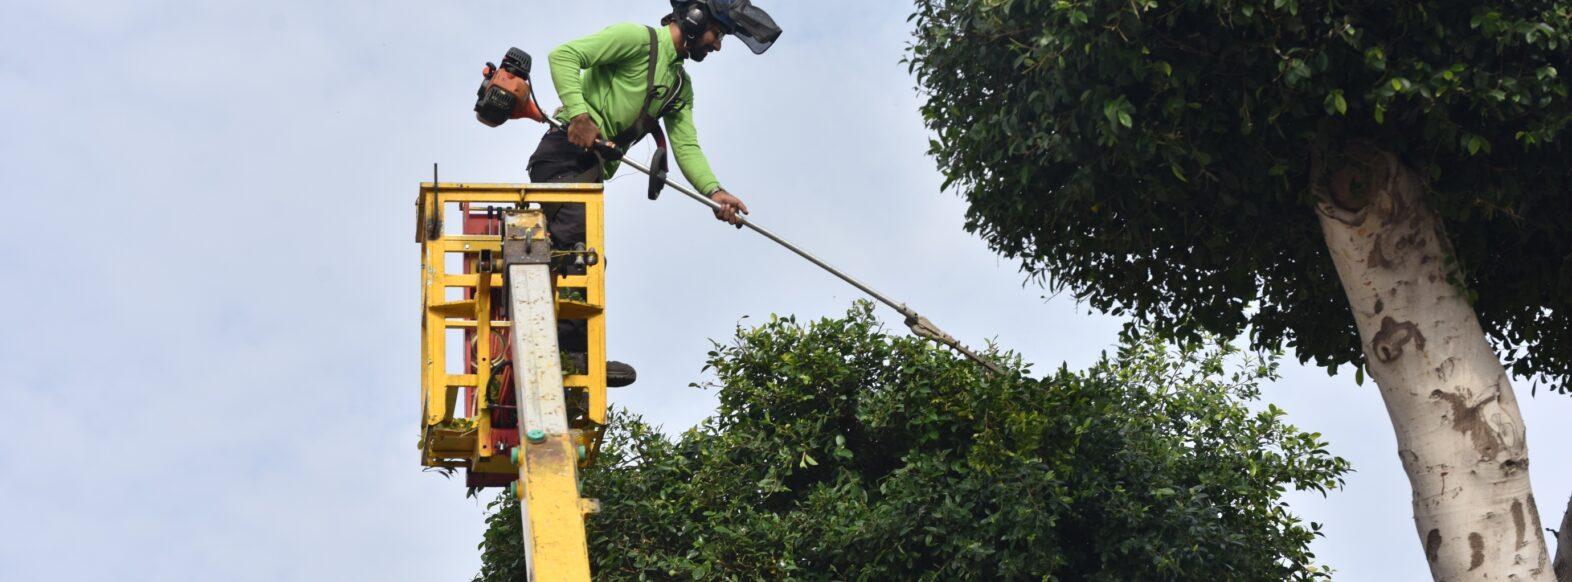 מבצע גיזום וטיפול בעצים ברחבי קרית אתא